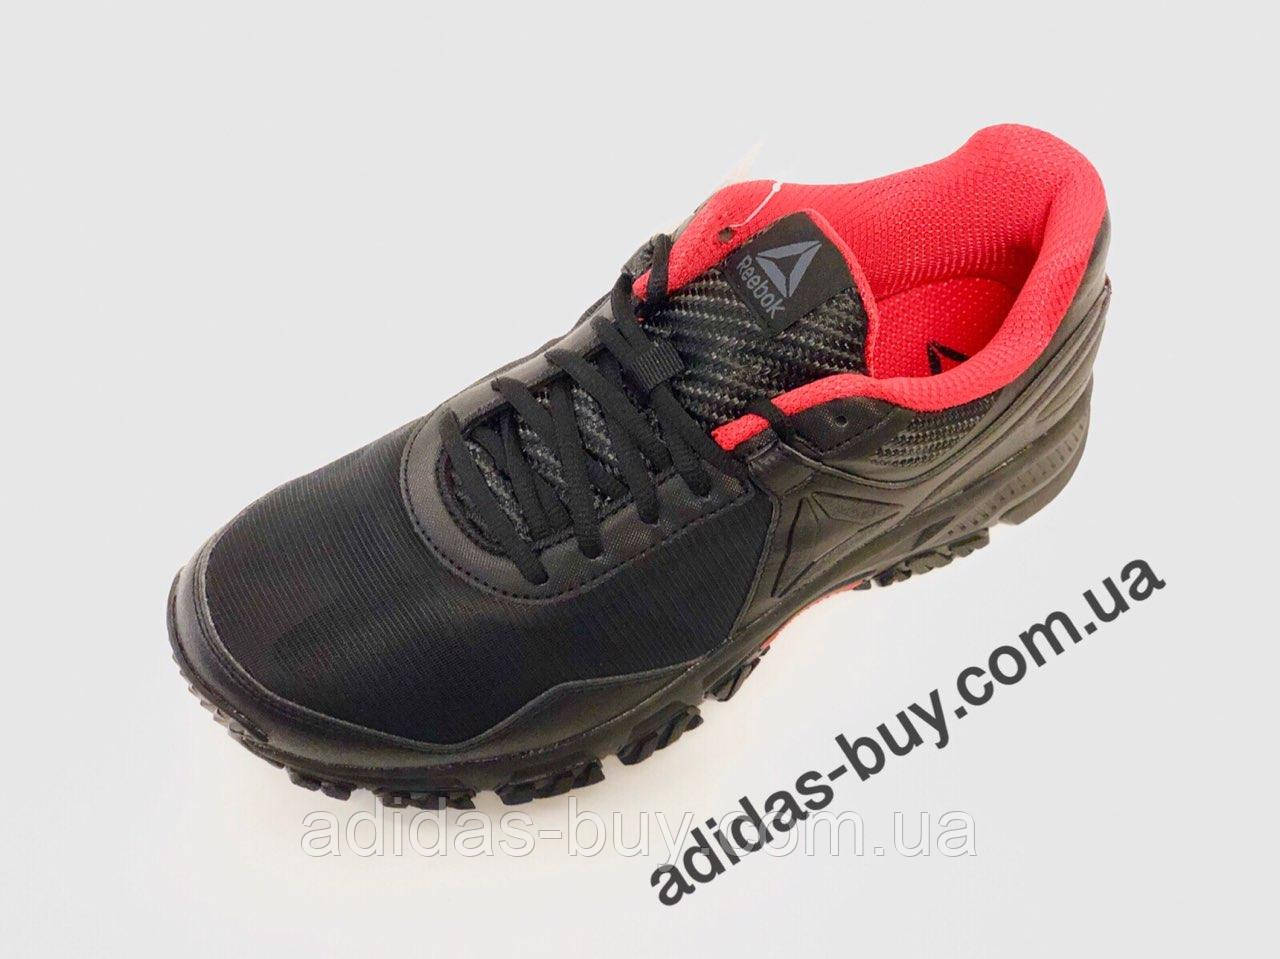 Кроссовки мужские оригинальные Reebok Ridgerider Trail 3.0 цвет чёрный артикул CN3485